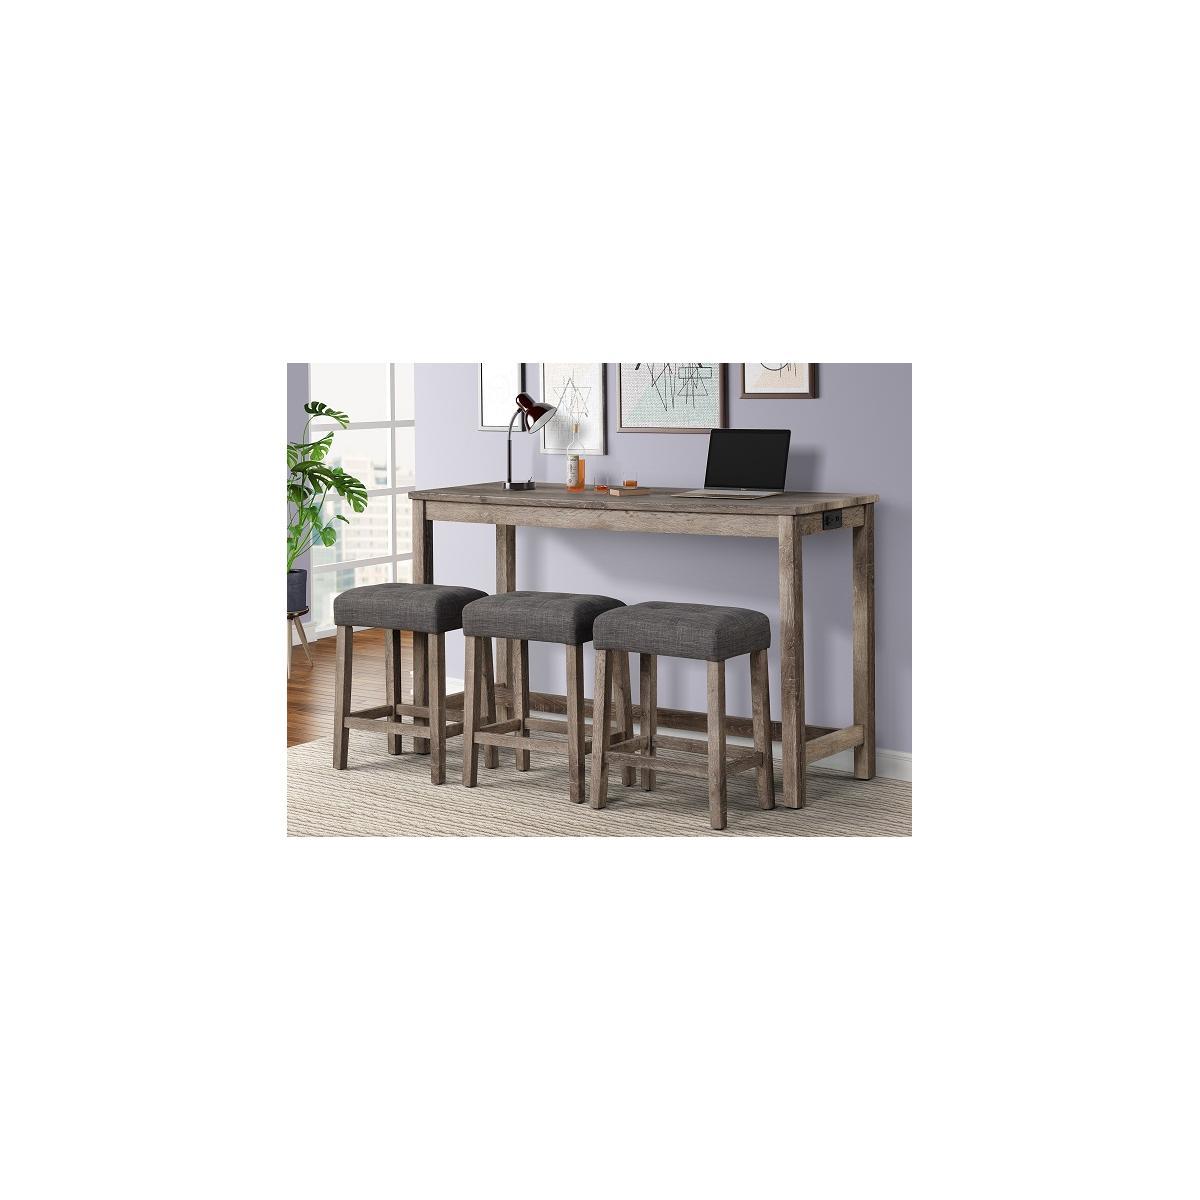 Rowan Bar Table + 3